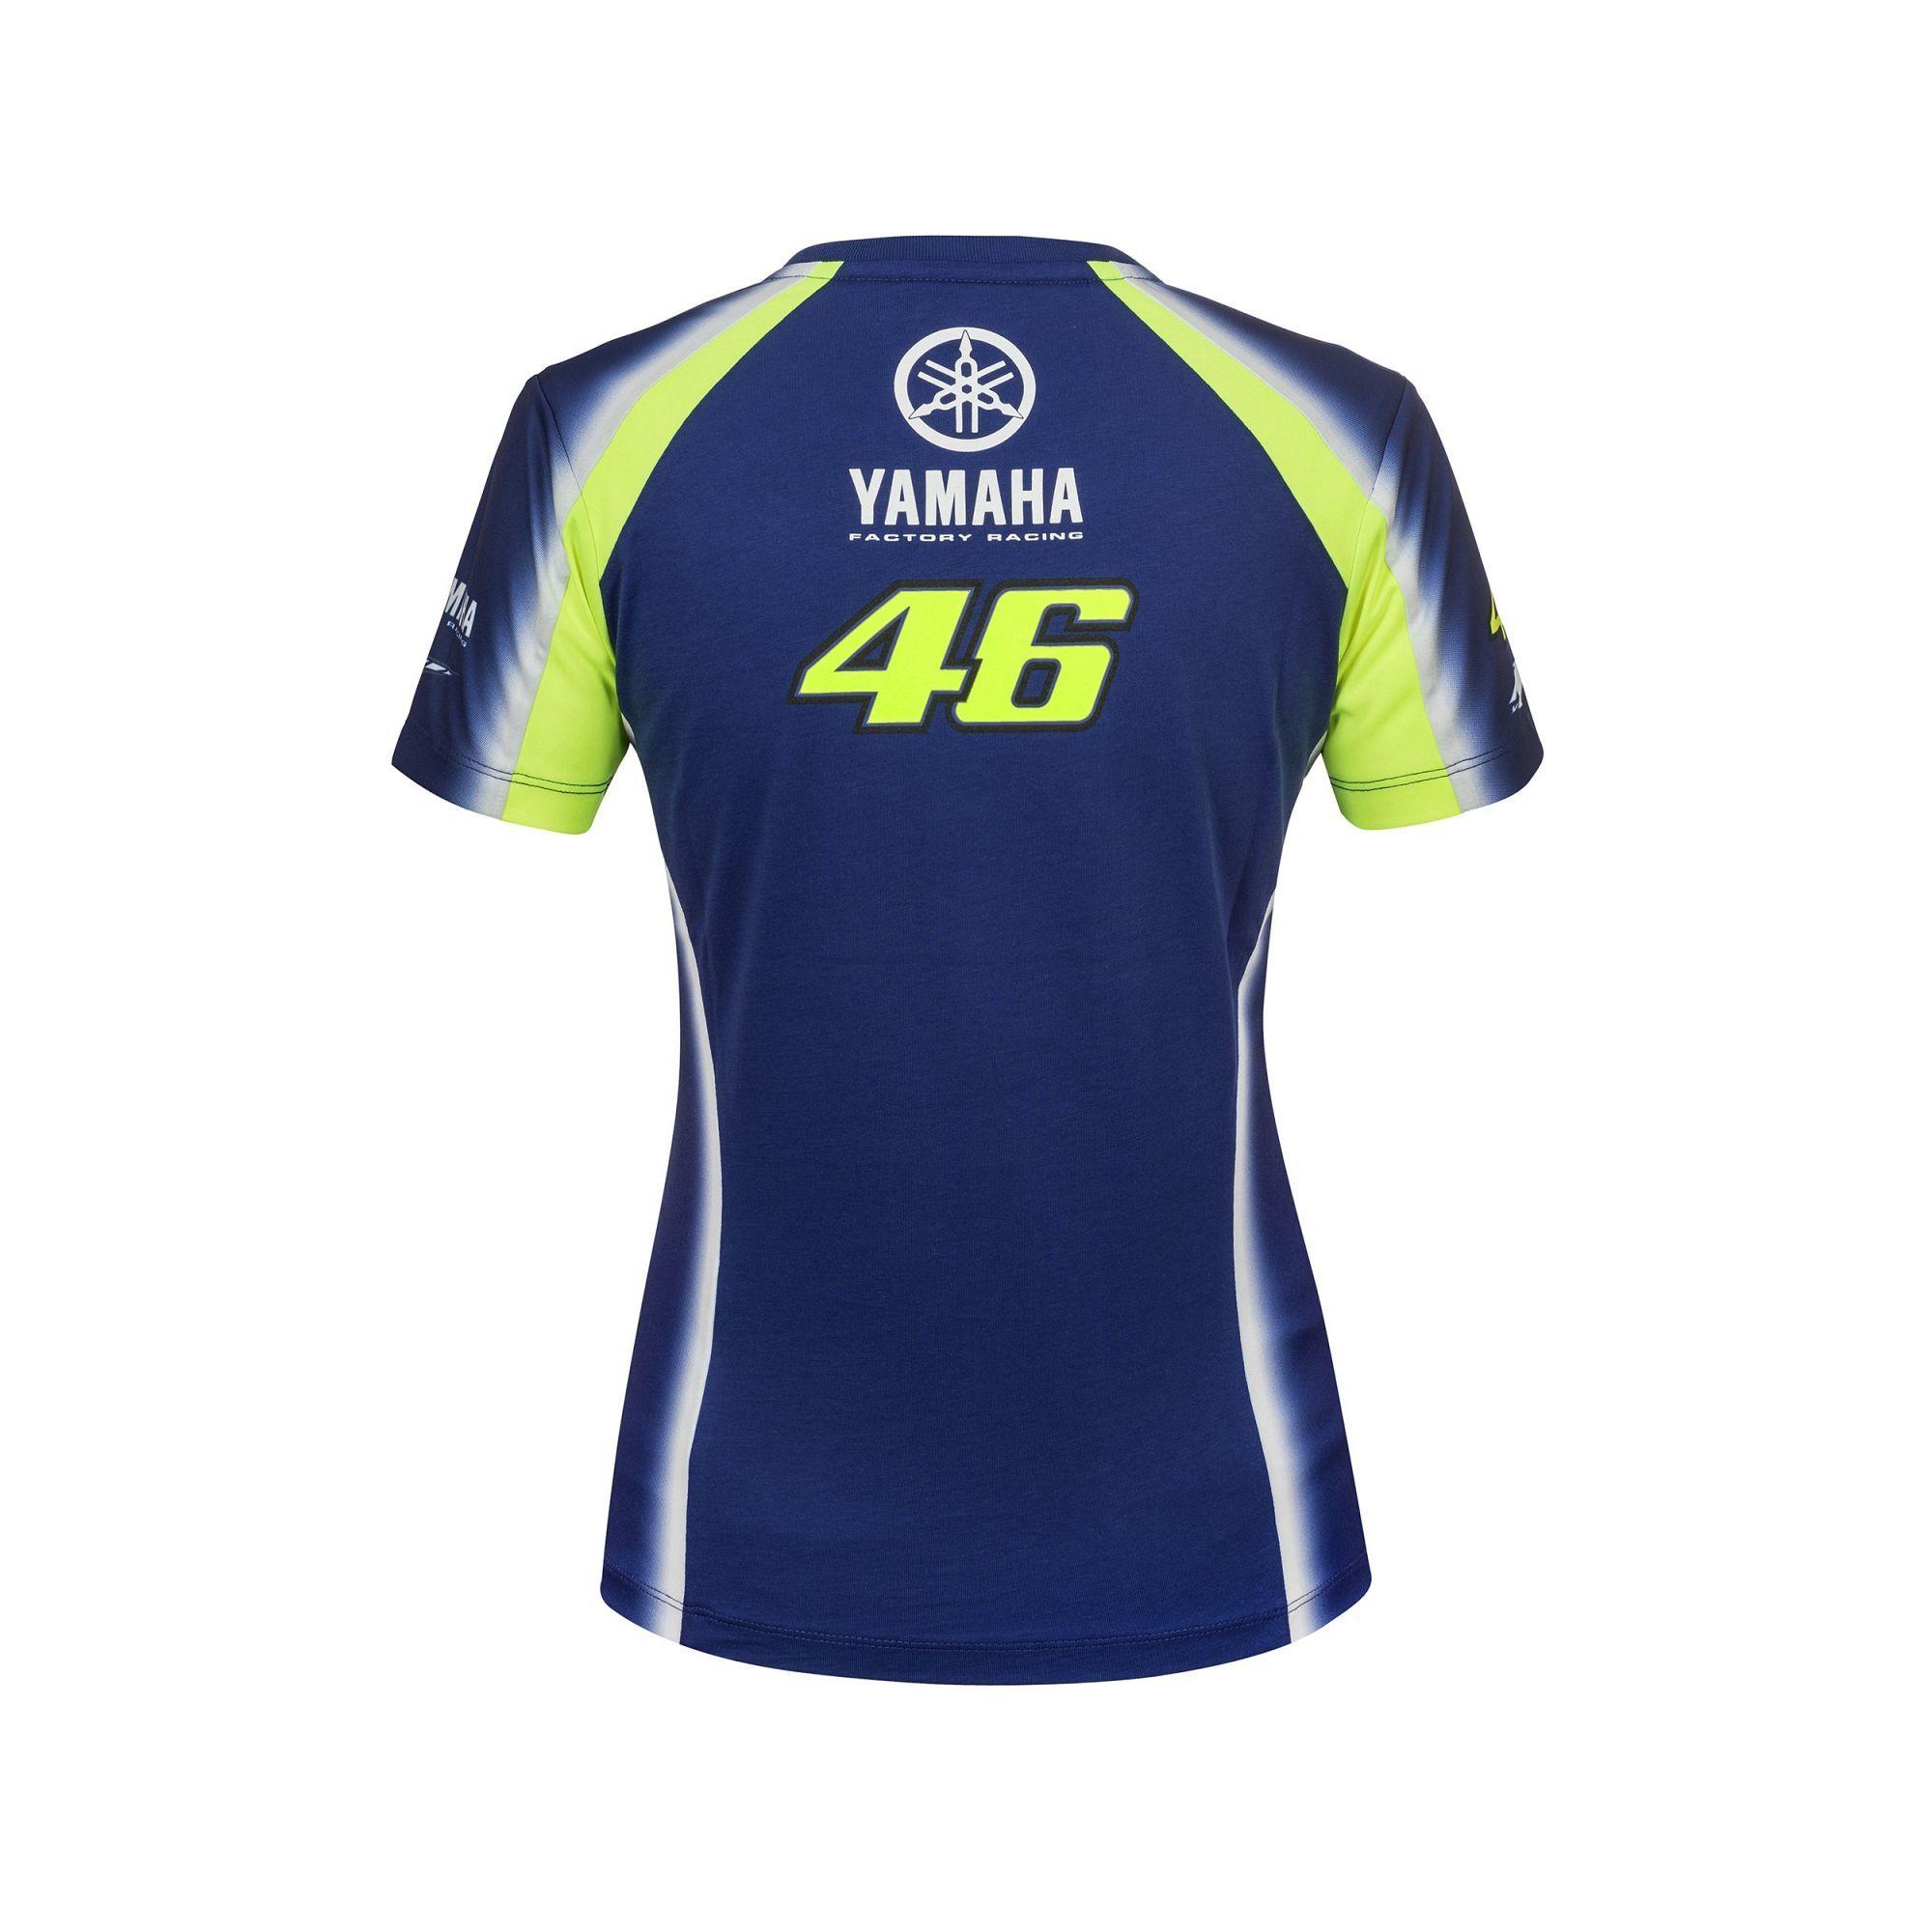 2018 VR46 Valentino Rossi #46 Ladies T-Shirt Womens Girls Yamaha Racing MotoGP